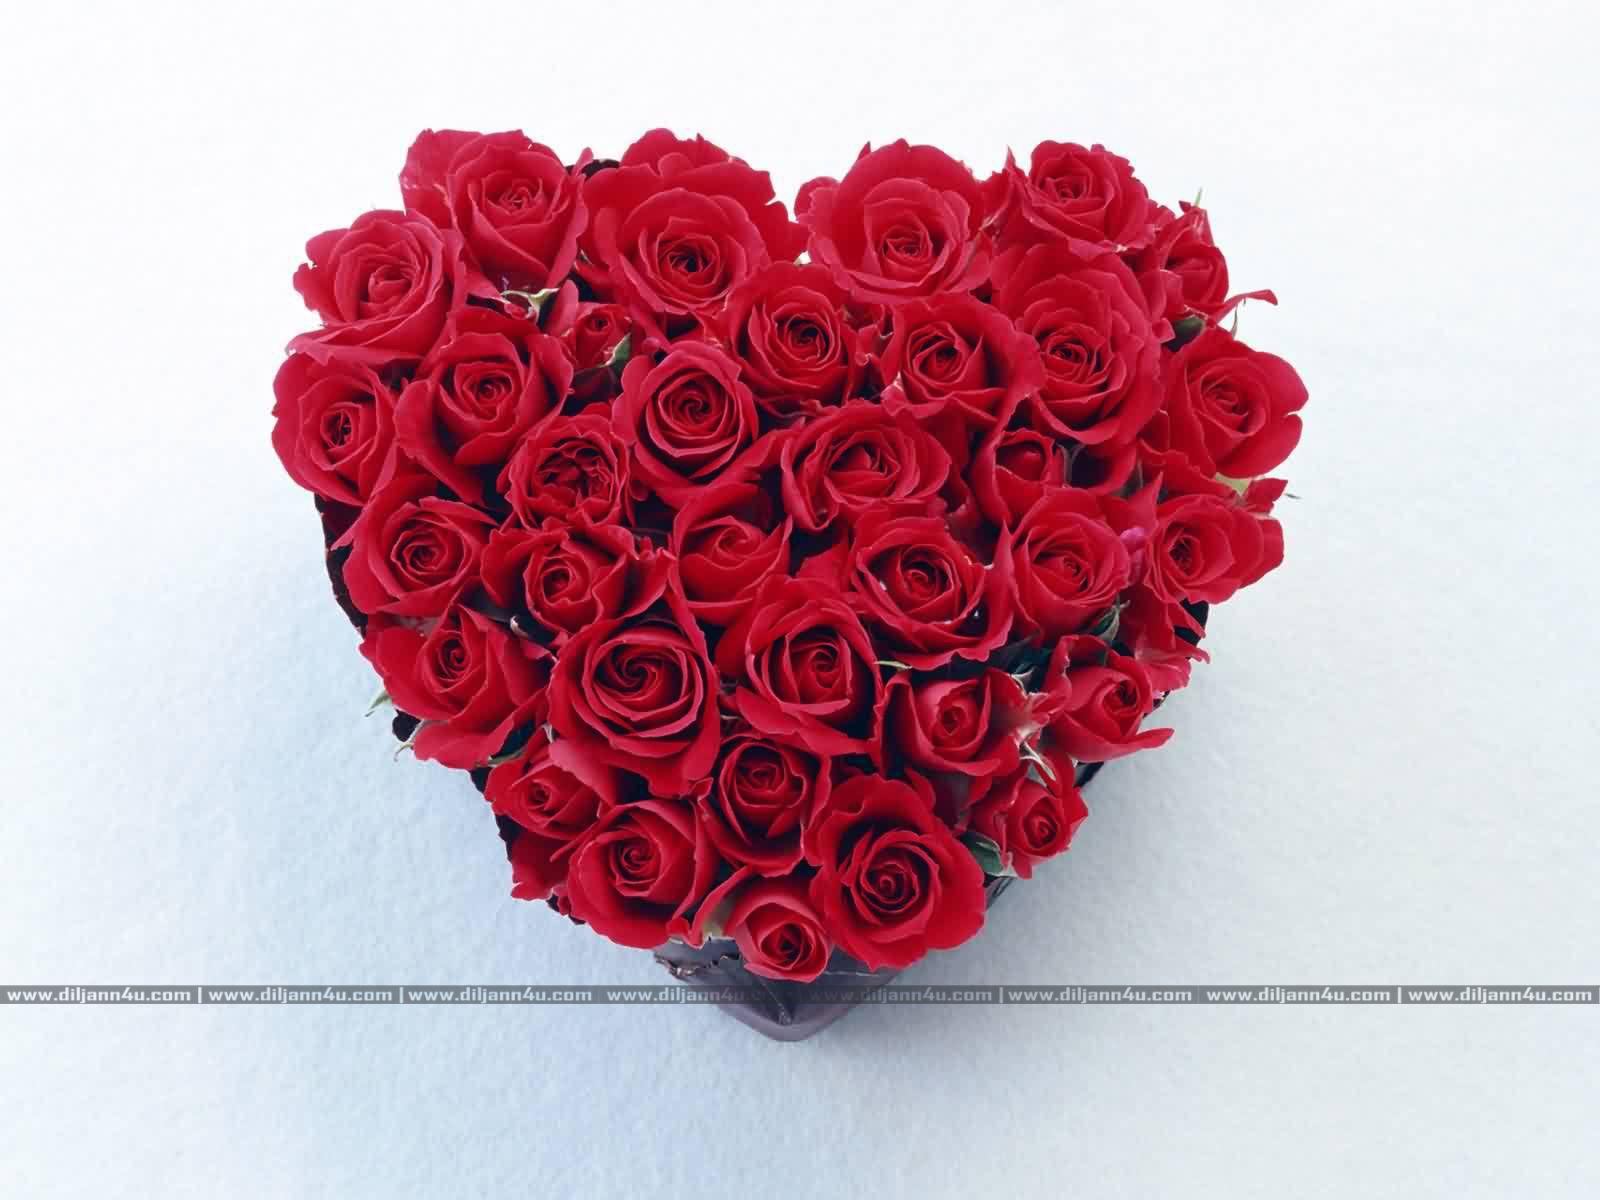 Beautiful Heart Love Beautiful Hearts Diljann4u 04